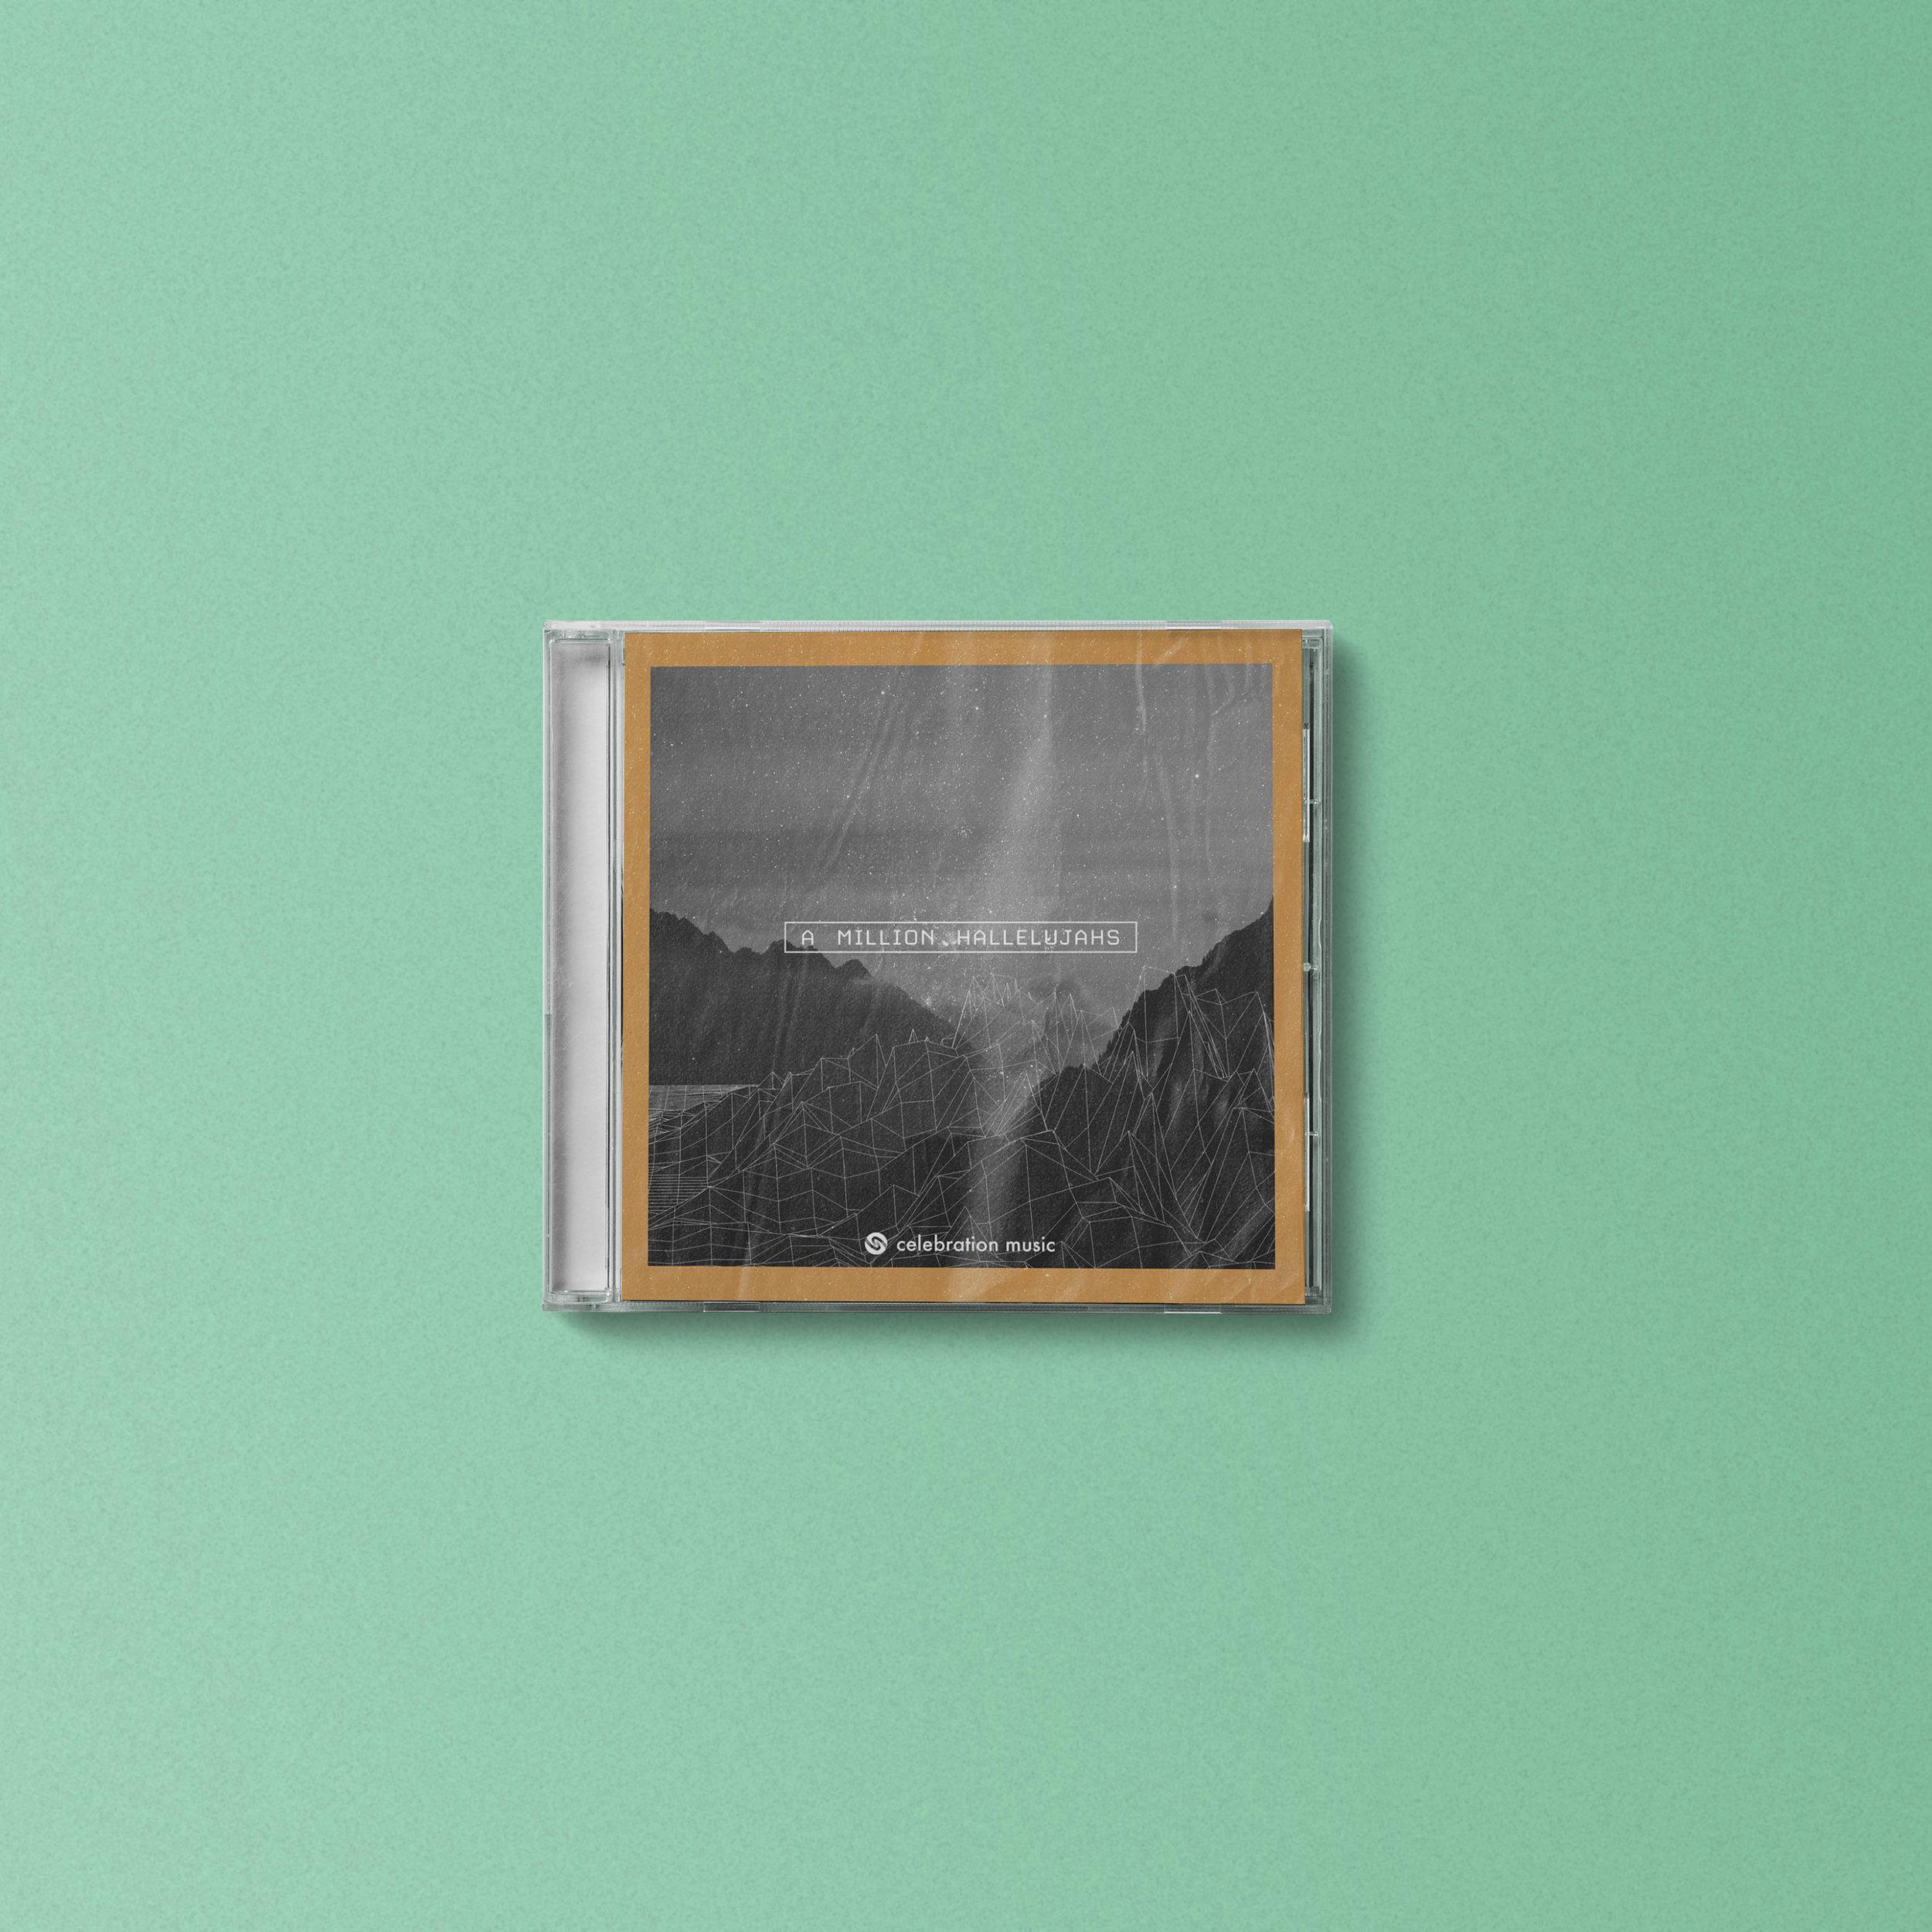 94-cd-cover-mockup-1.jpg